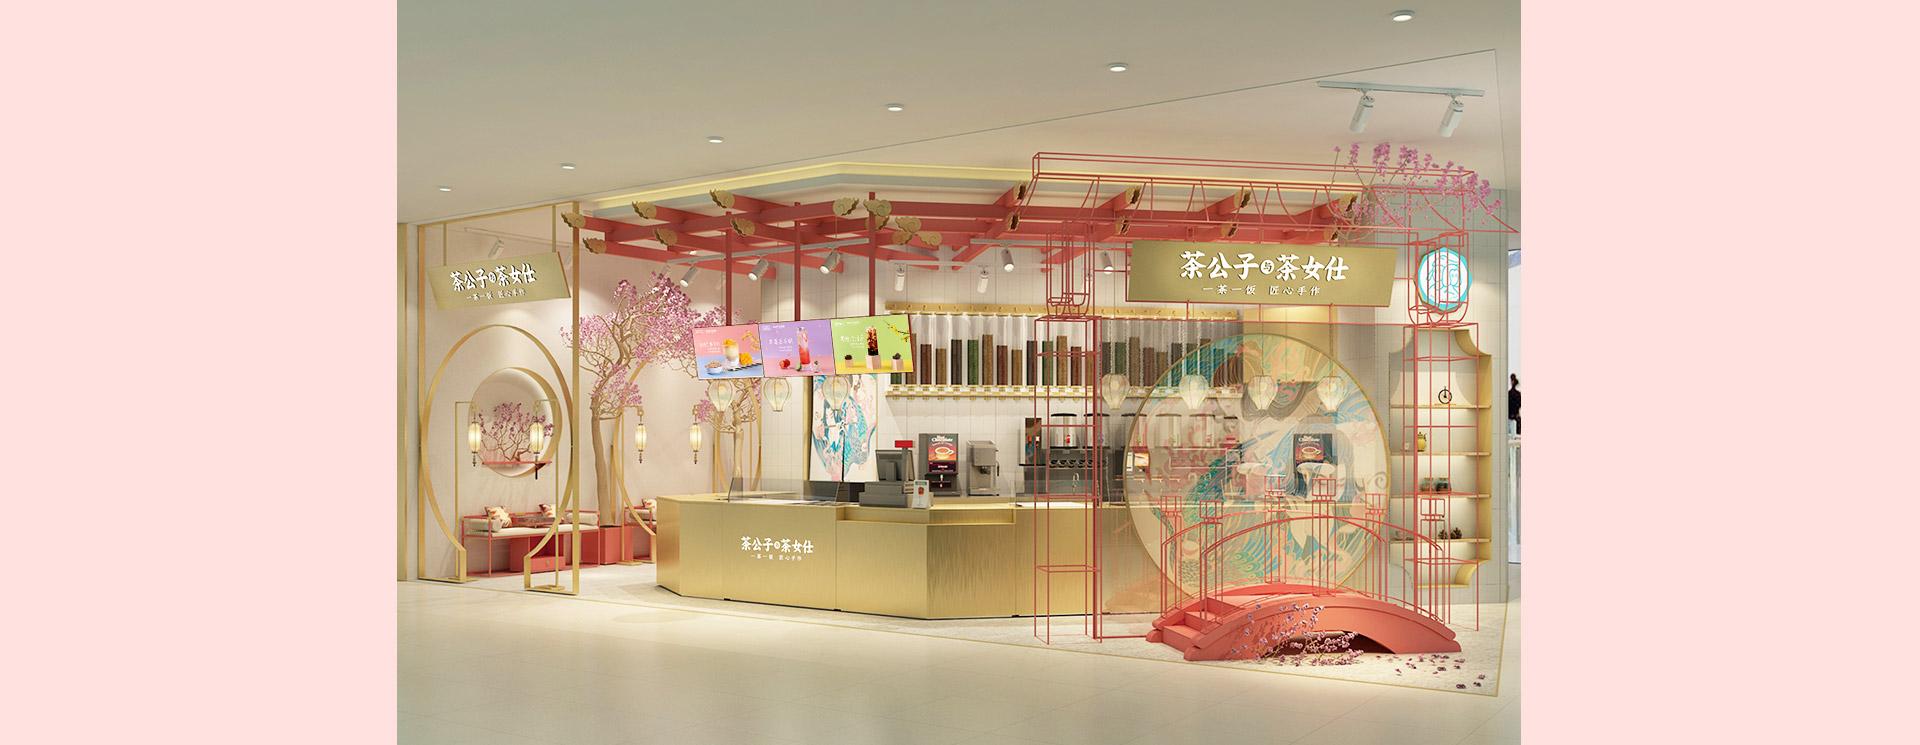 水果茶饮加盟店设计效果